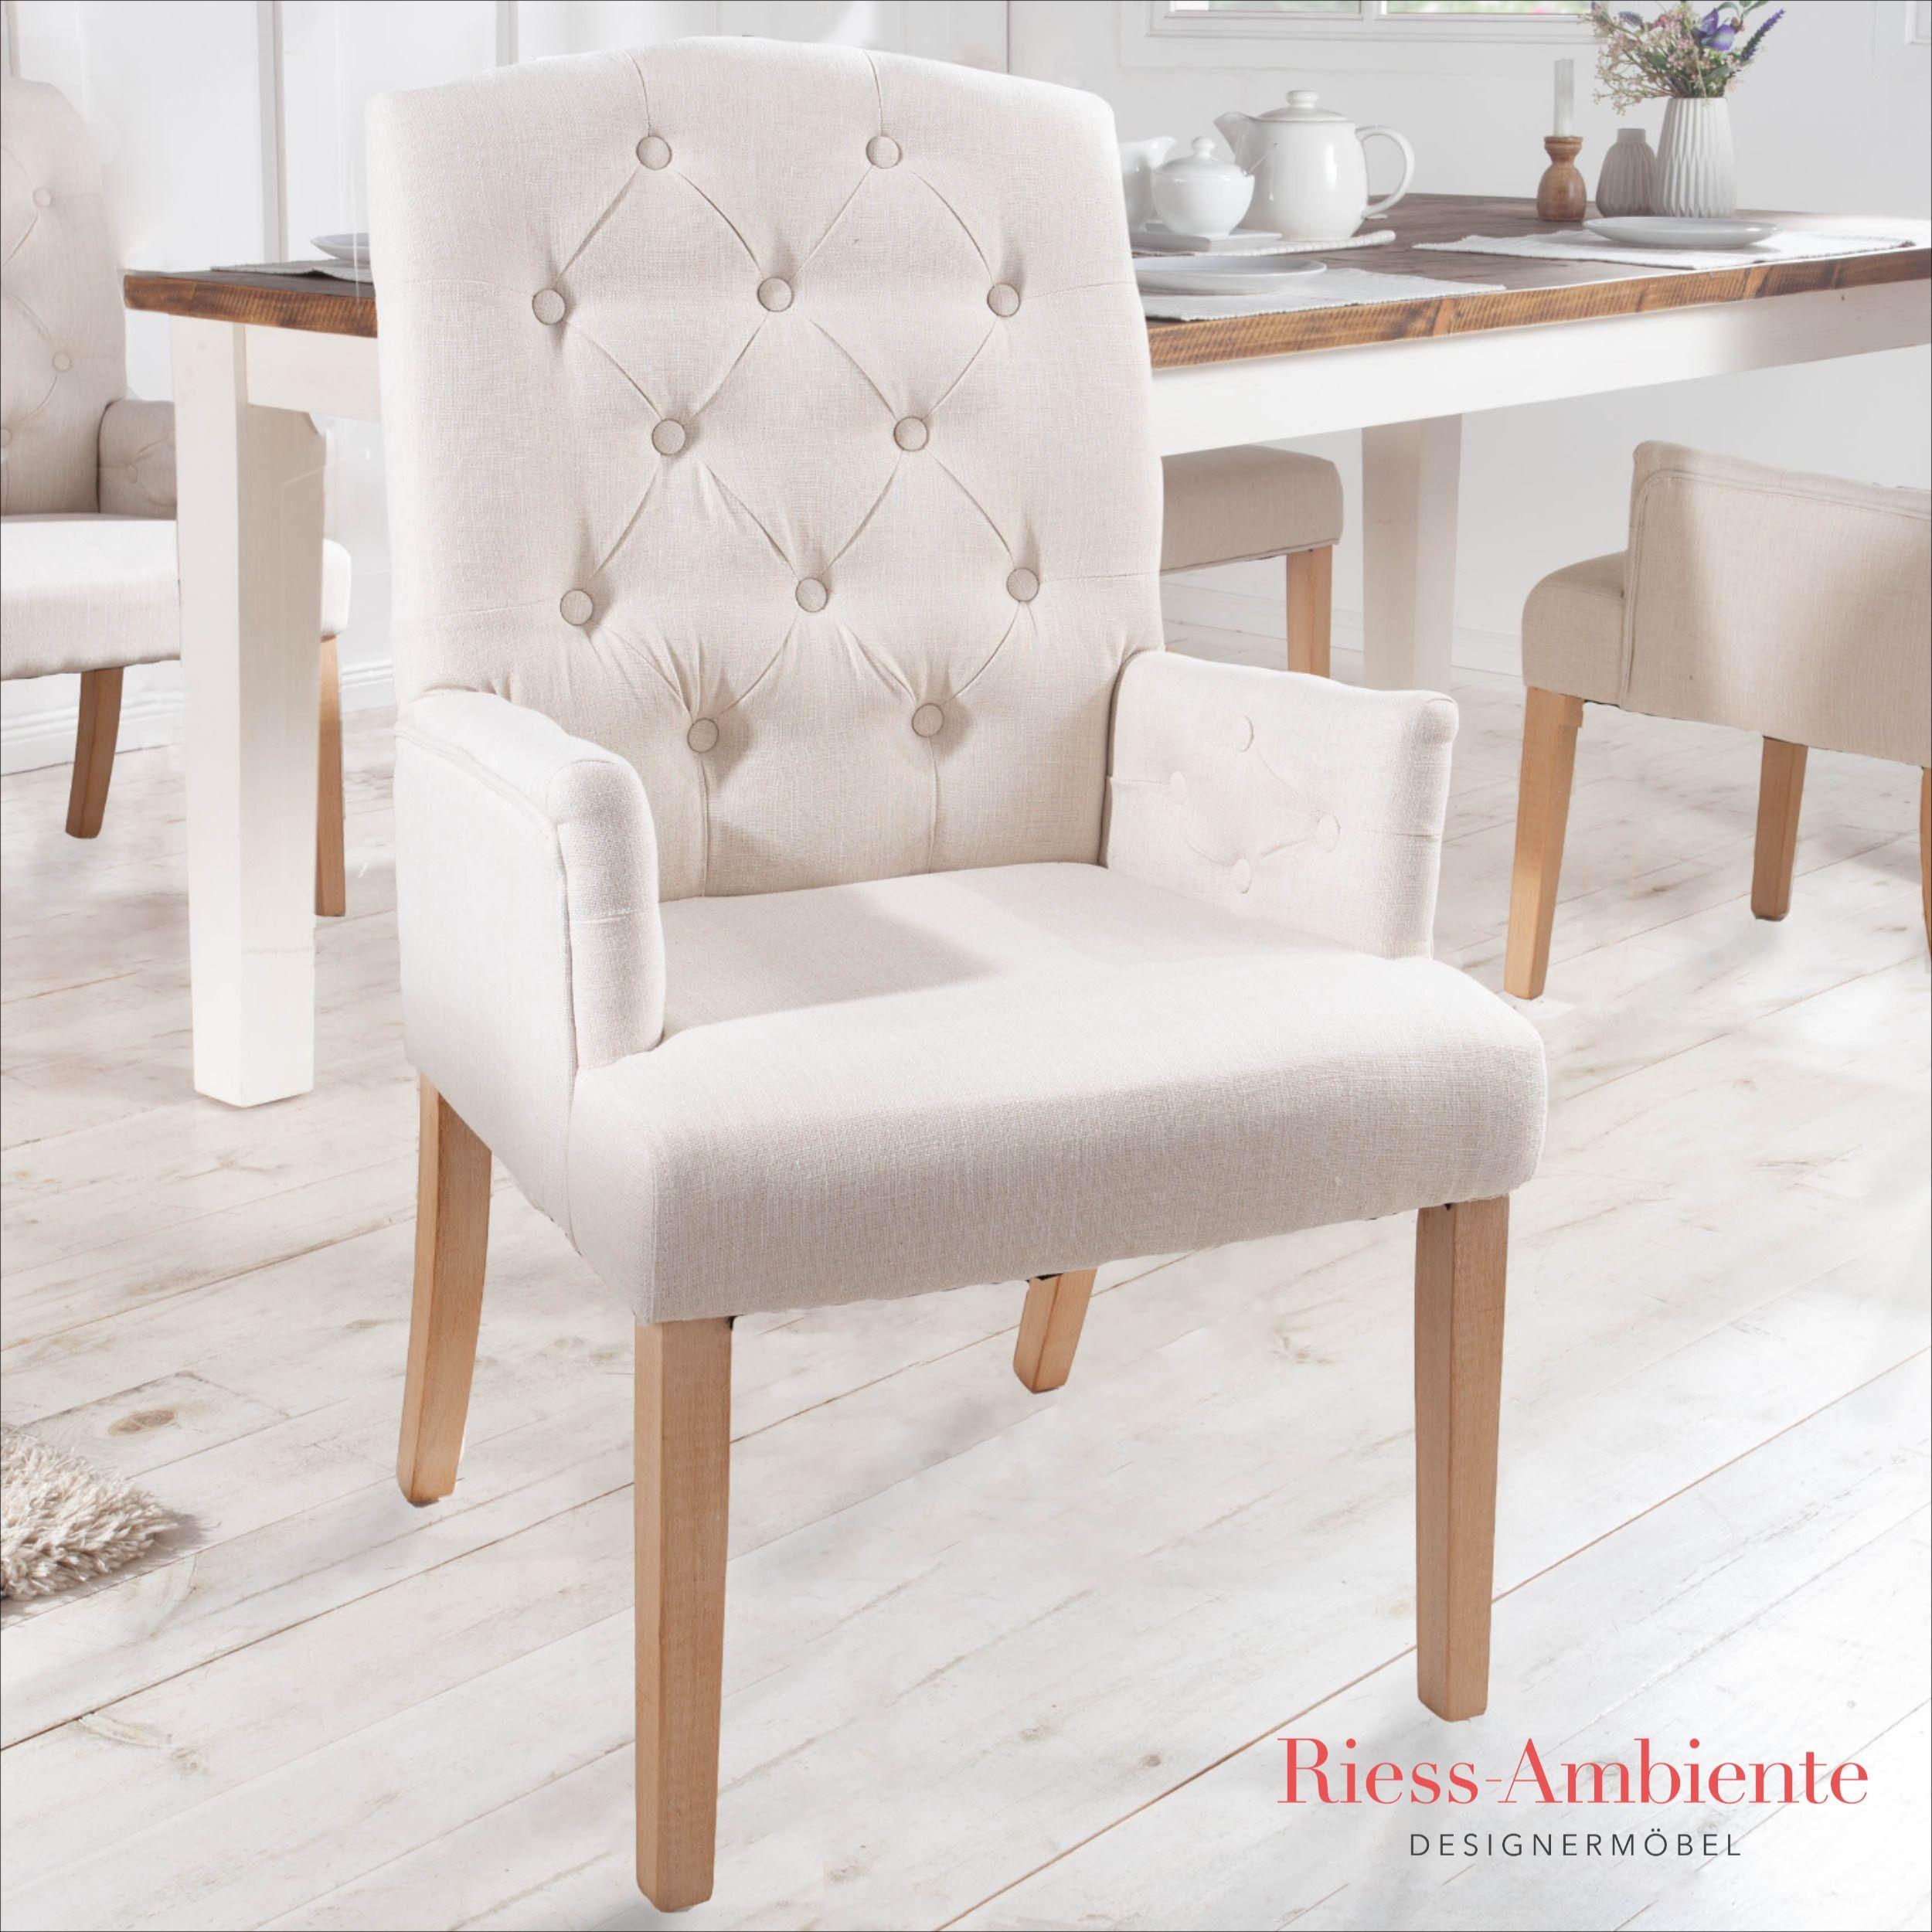 Eleganter Armlehnen Stuhl Castle Beige Mit Chesterfield Steppung Im Landhausstil Riess Ambiente De In 2020 Esszimmerstuhl Landhausstil Stuhle